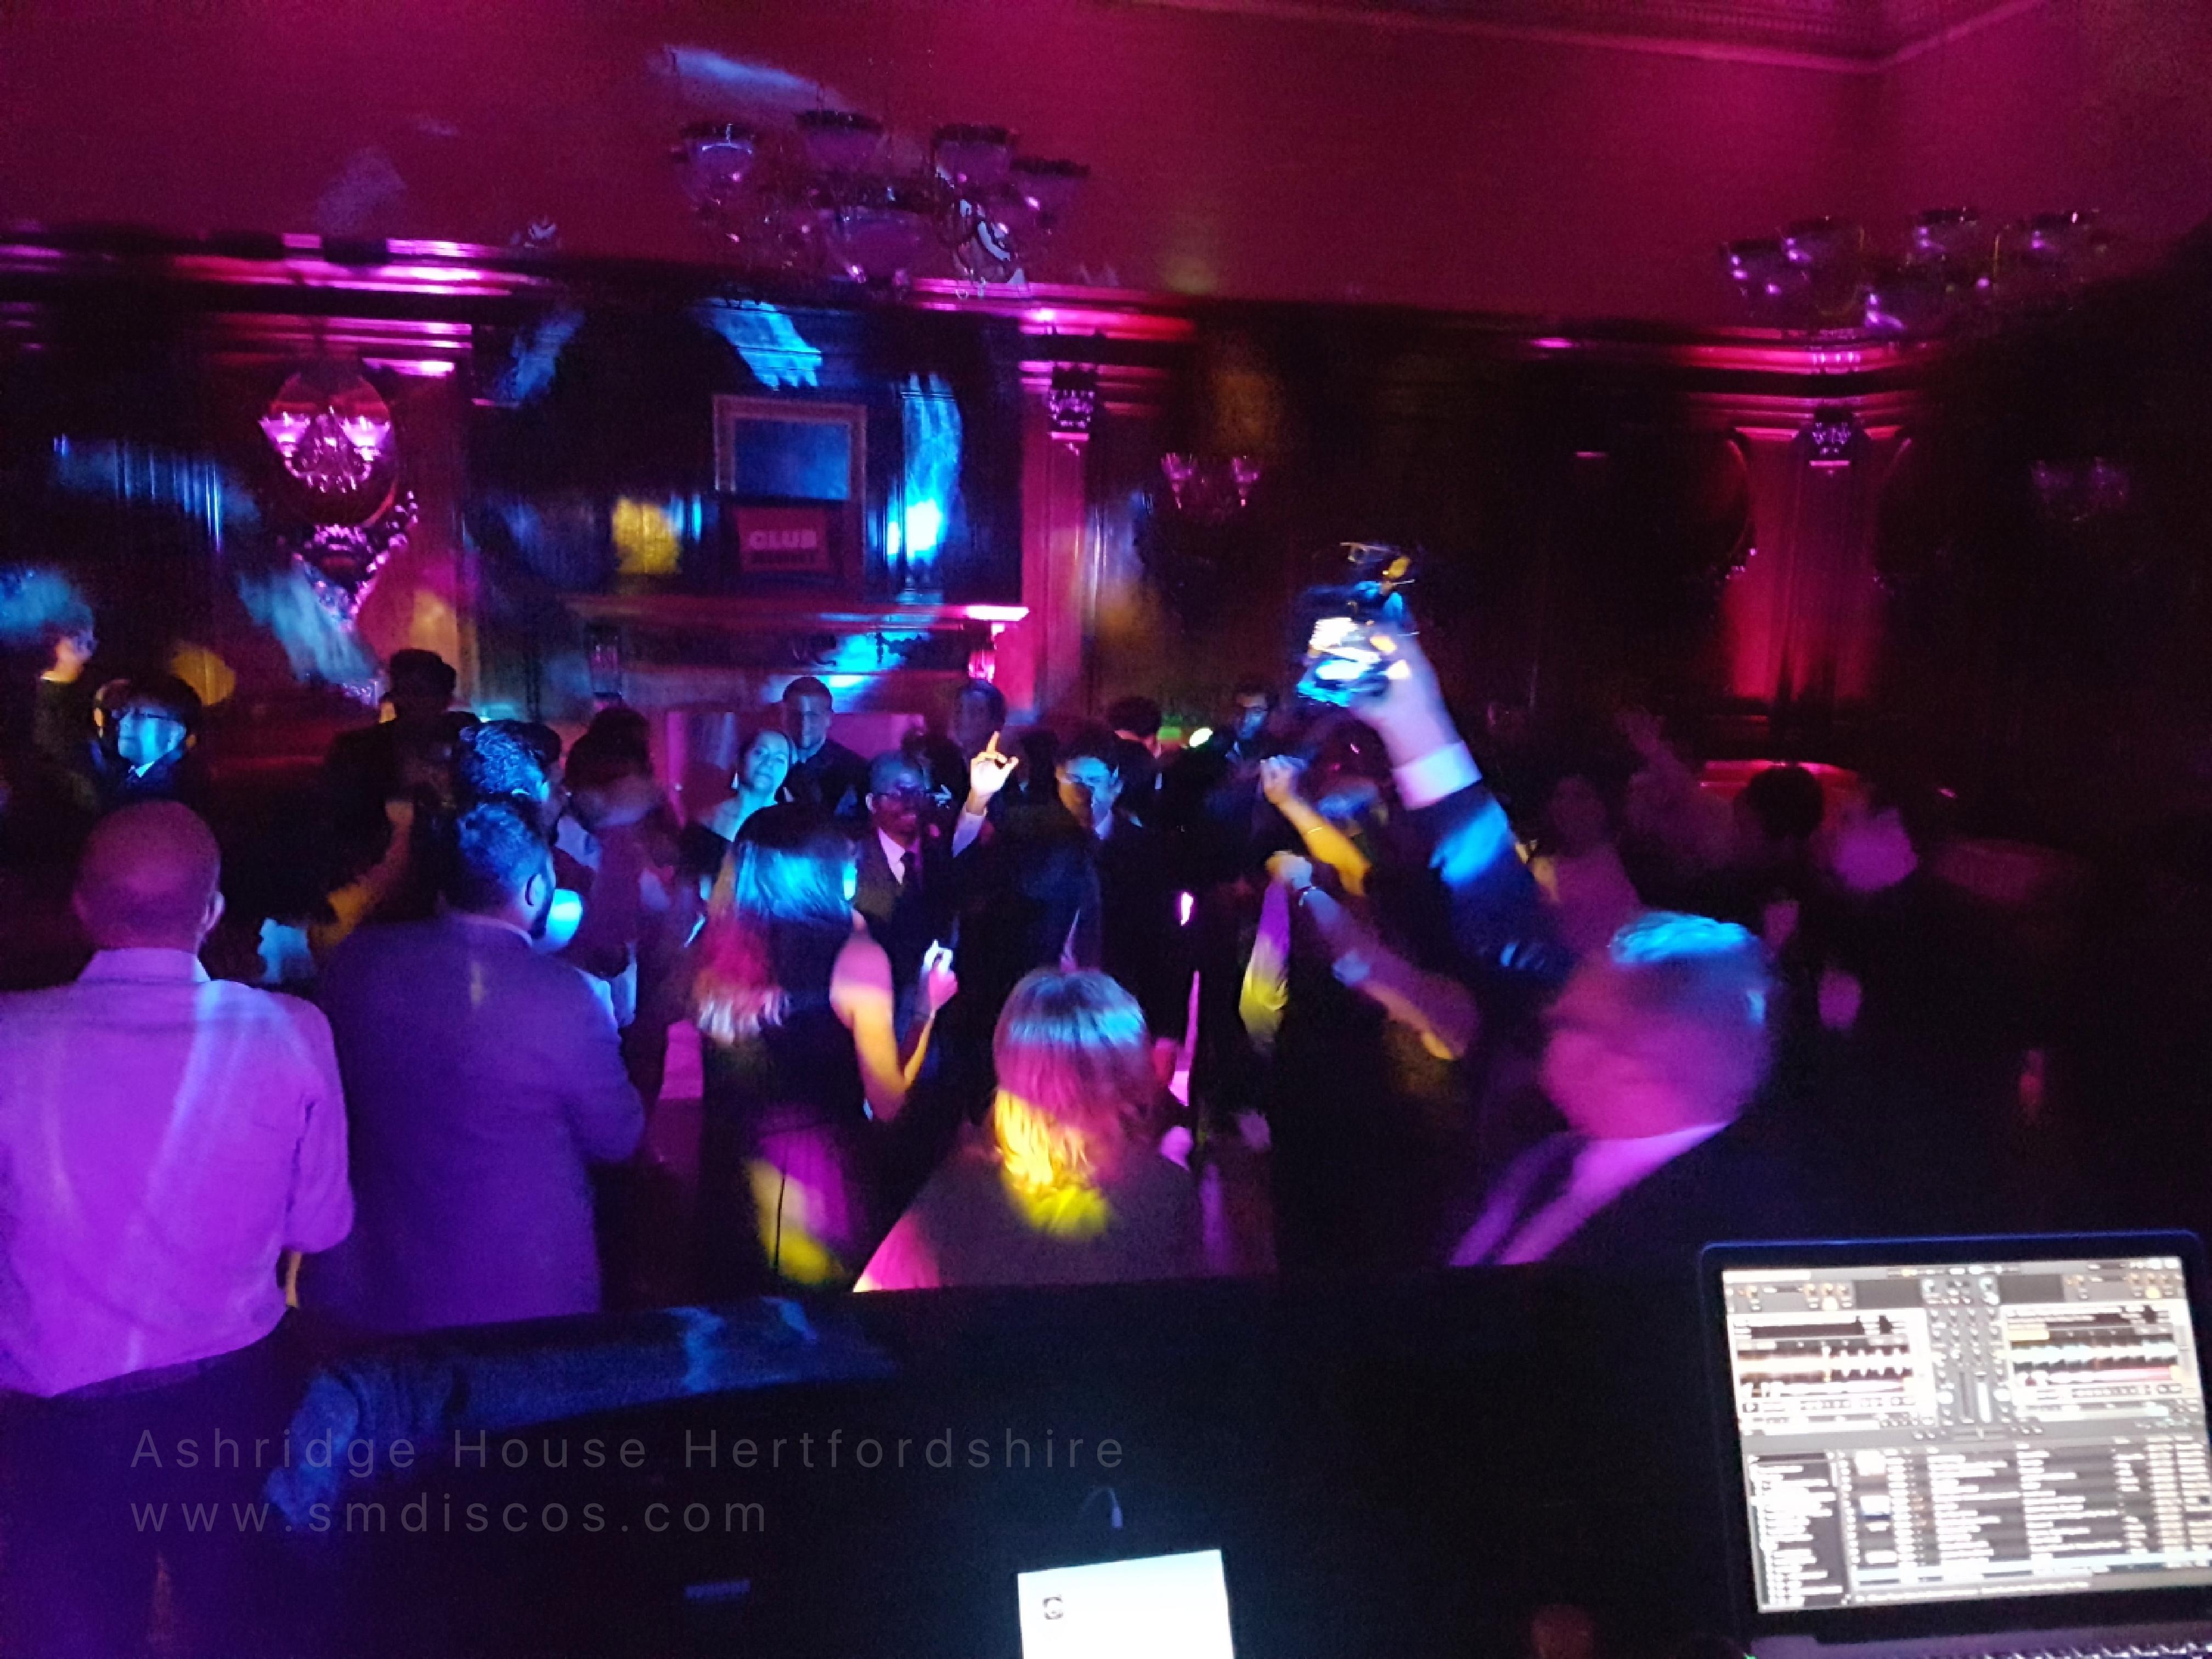 Hertford DJ Ashridge House